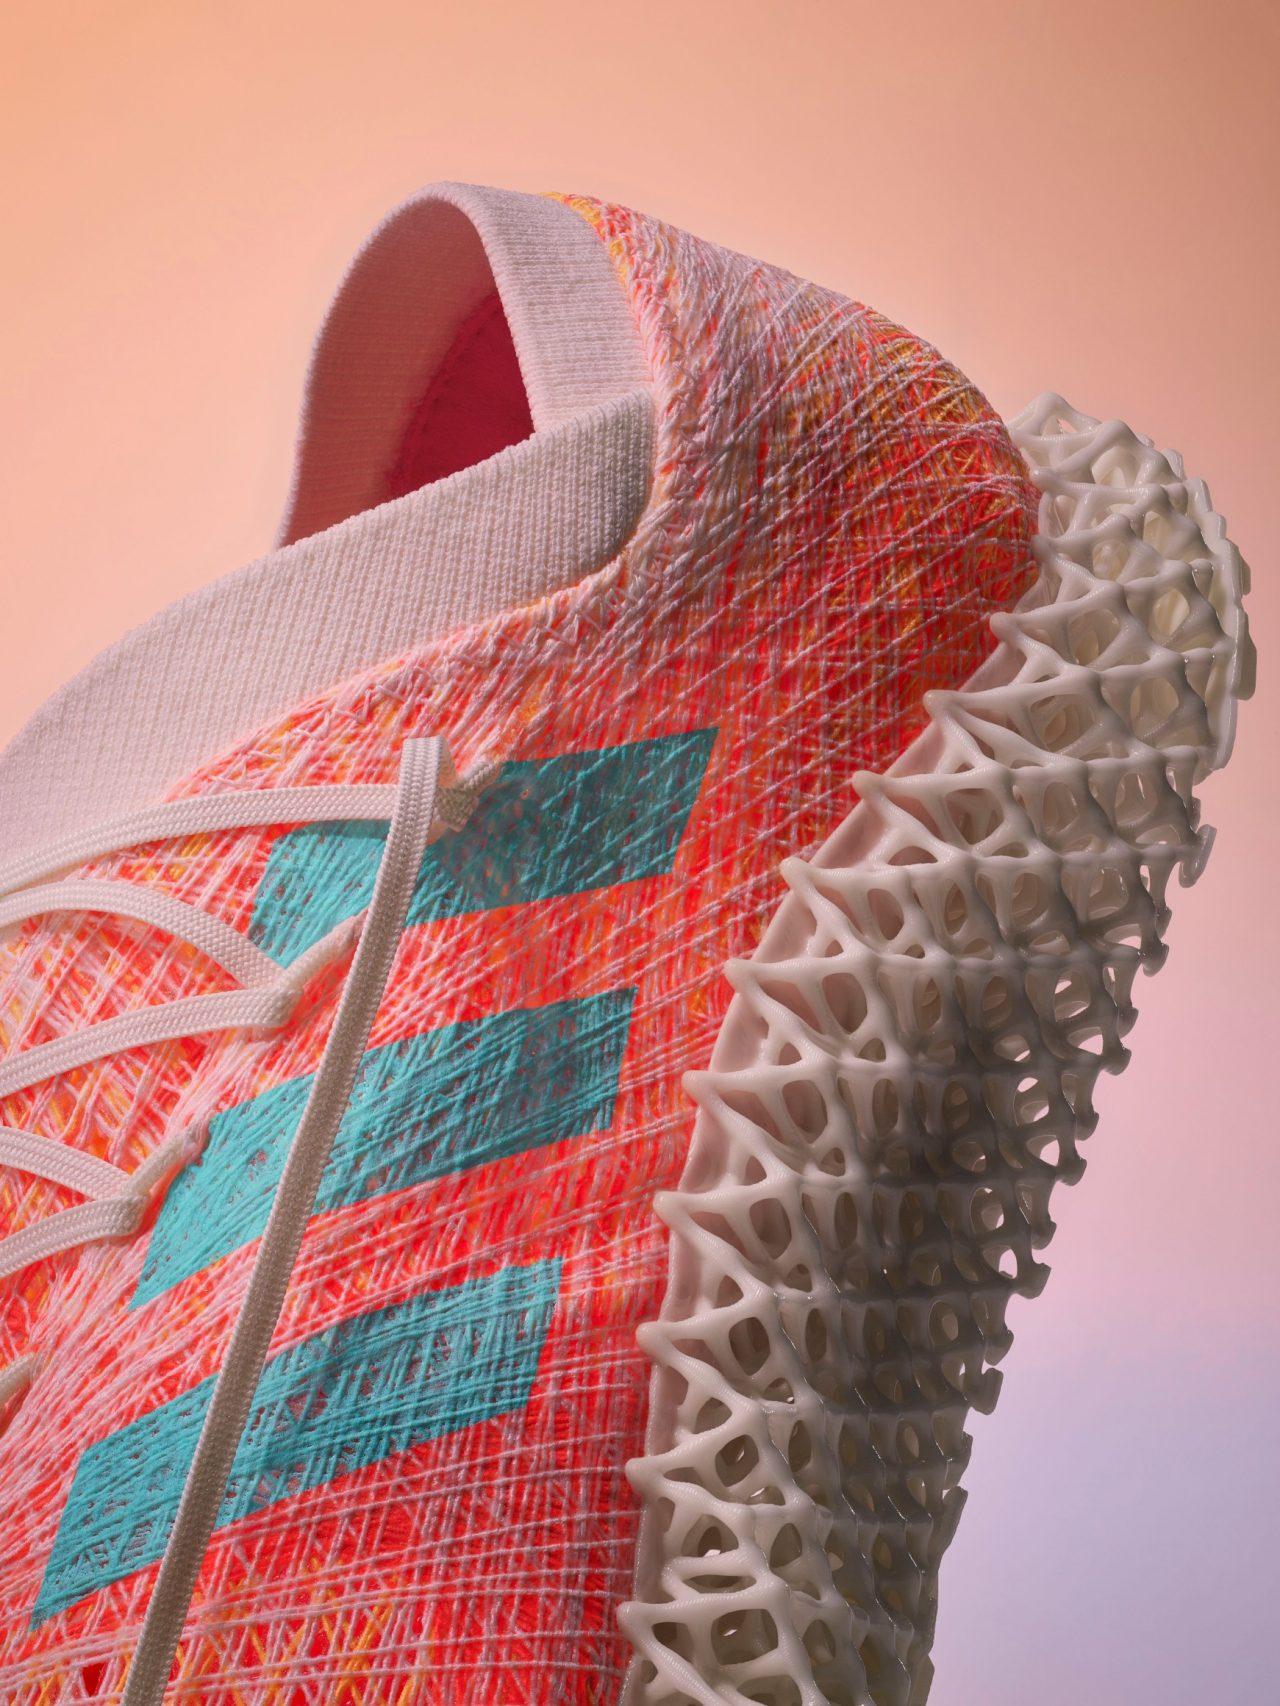 Adidas planea desprenderse de Reebok como parte de una estrategia